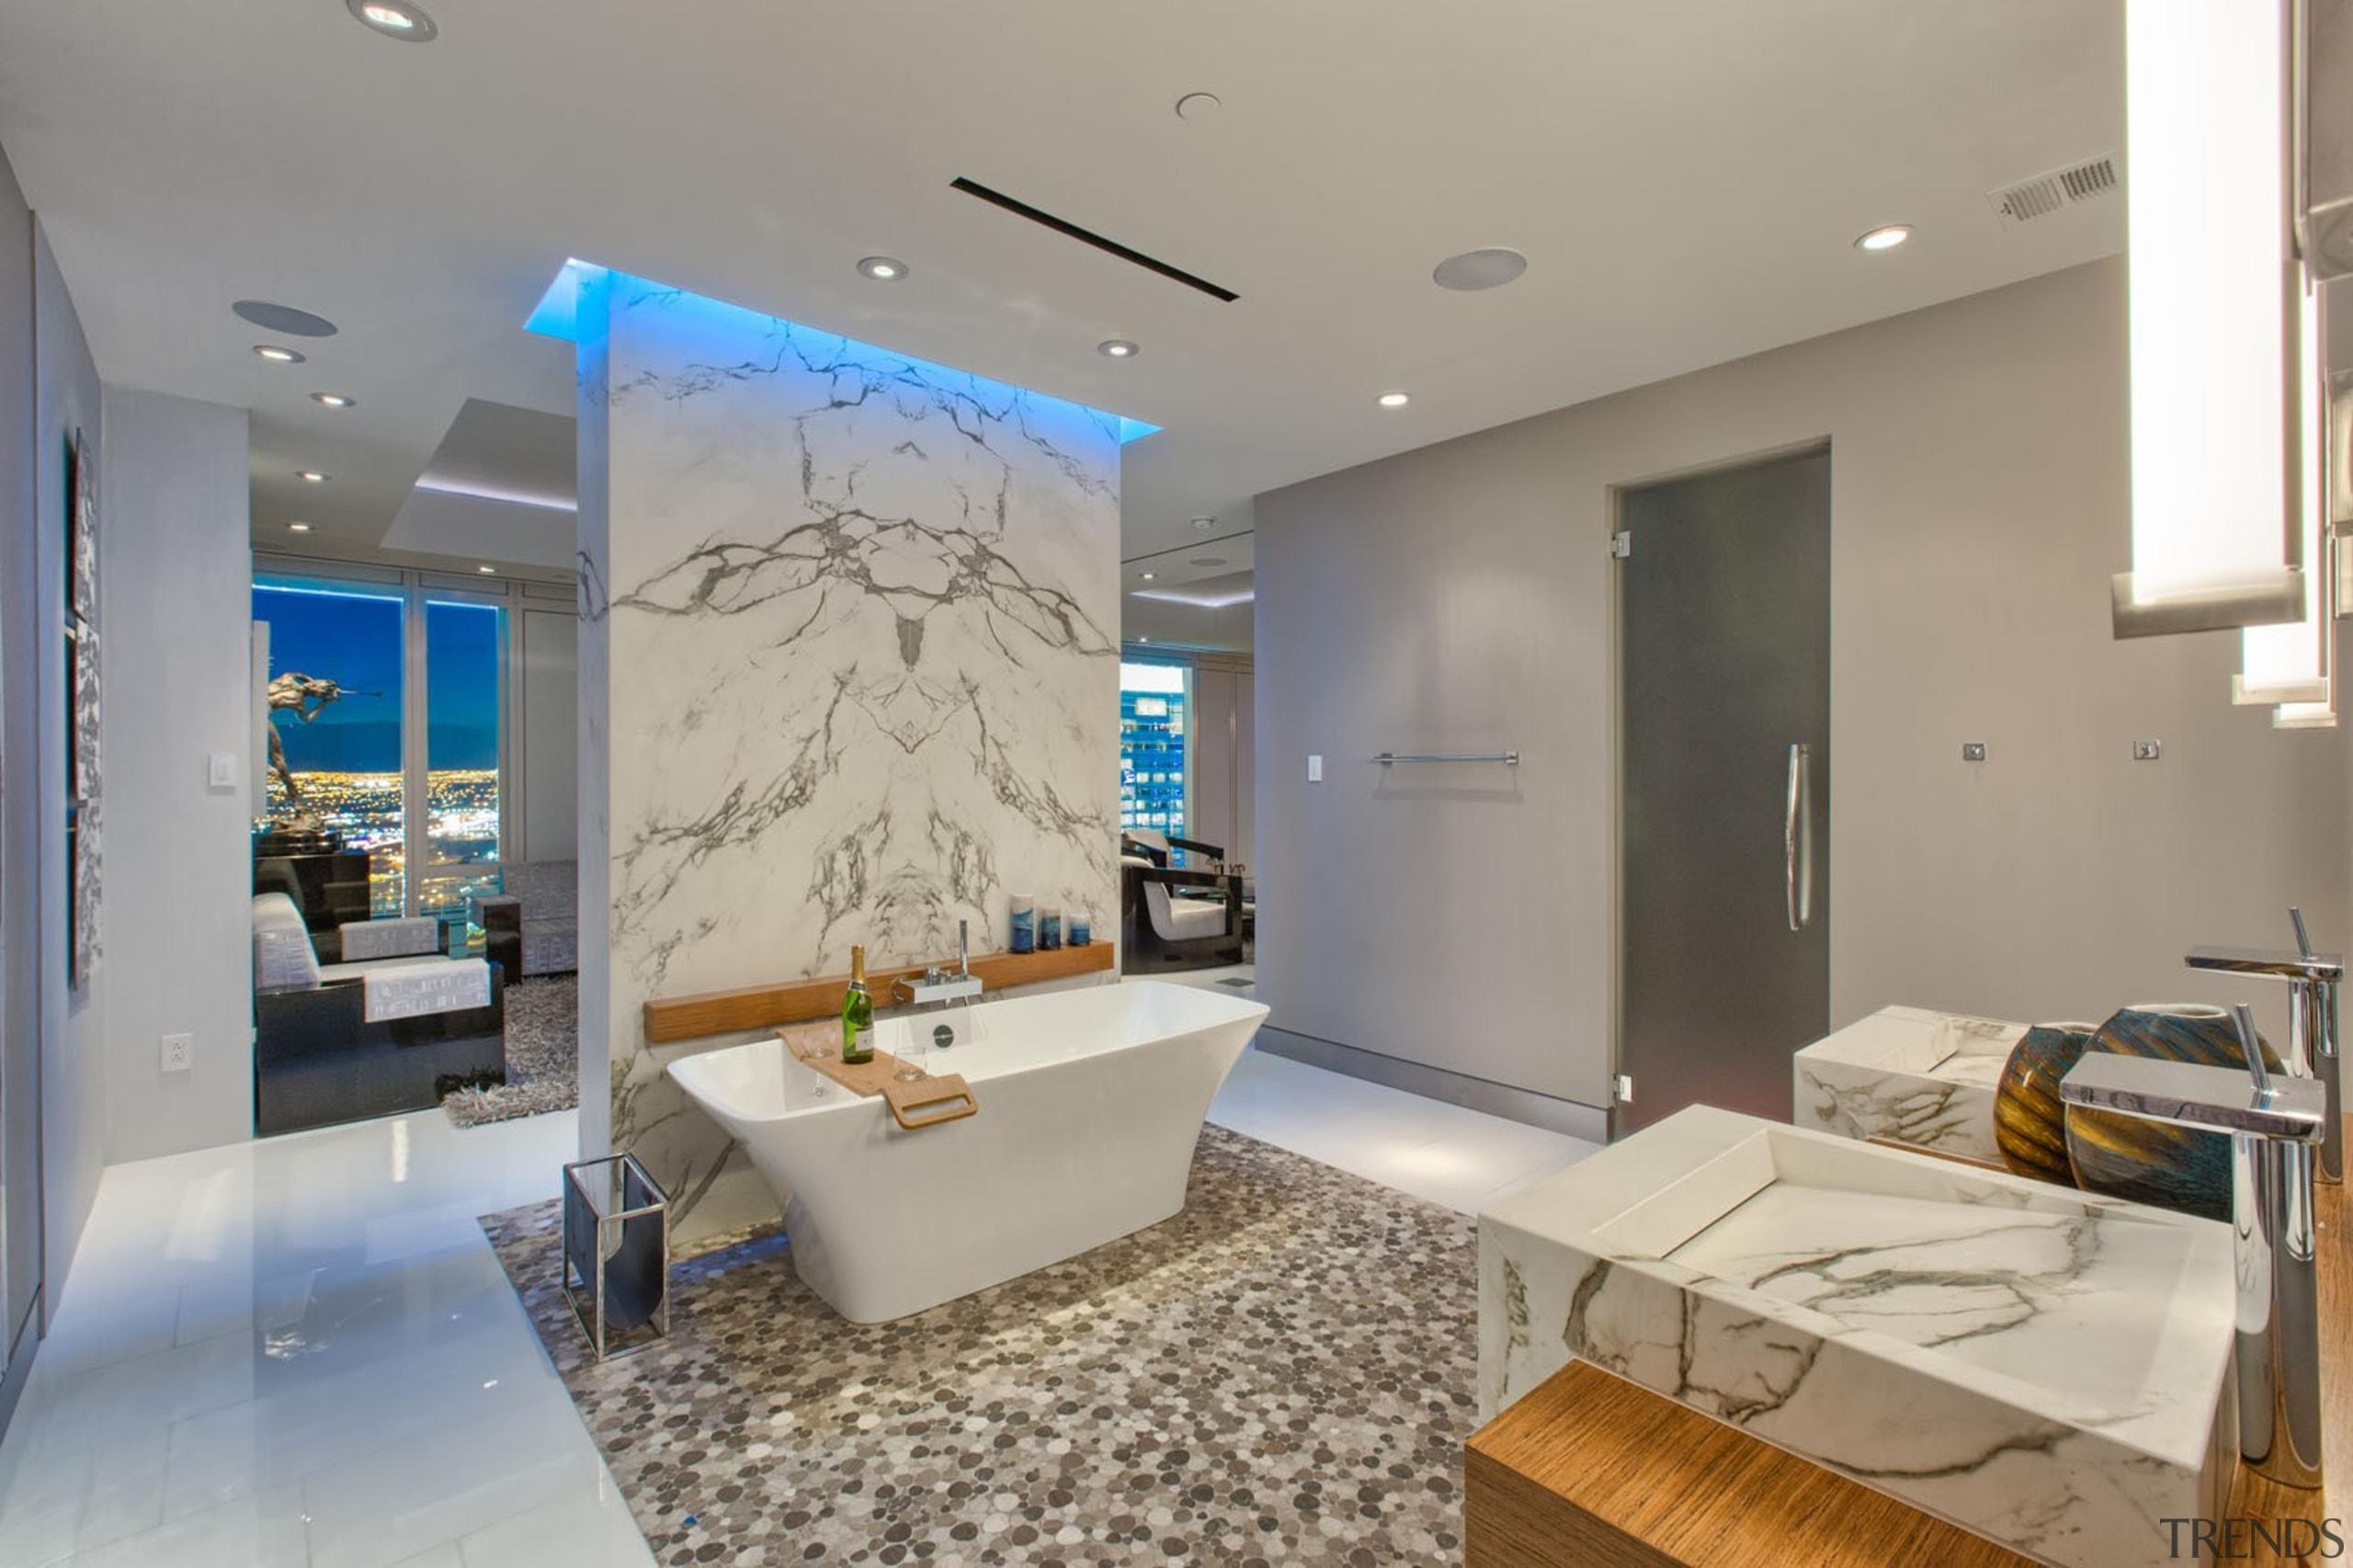 Aura mandarin unit4307 - 111 - Aura mandarin architecture, ceiling, interior design, living room, real estate, gray